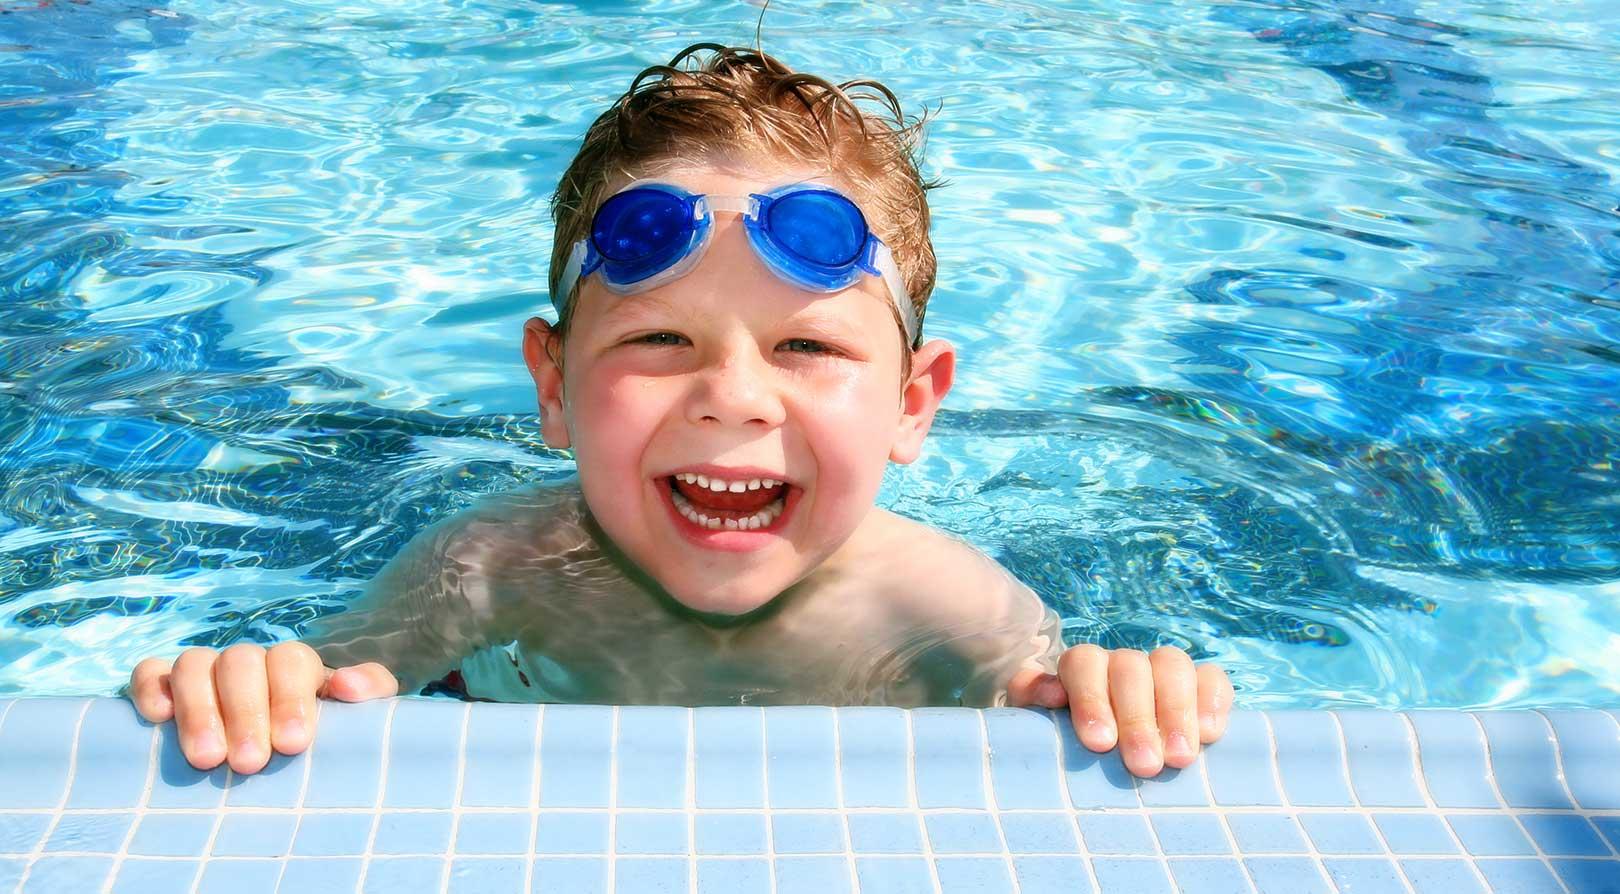 Vendita Piscine A Catania piscina progettazione | creazione | manutenzione piscine catania